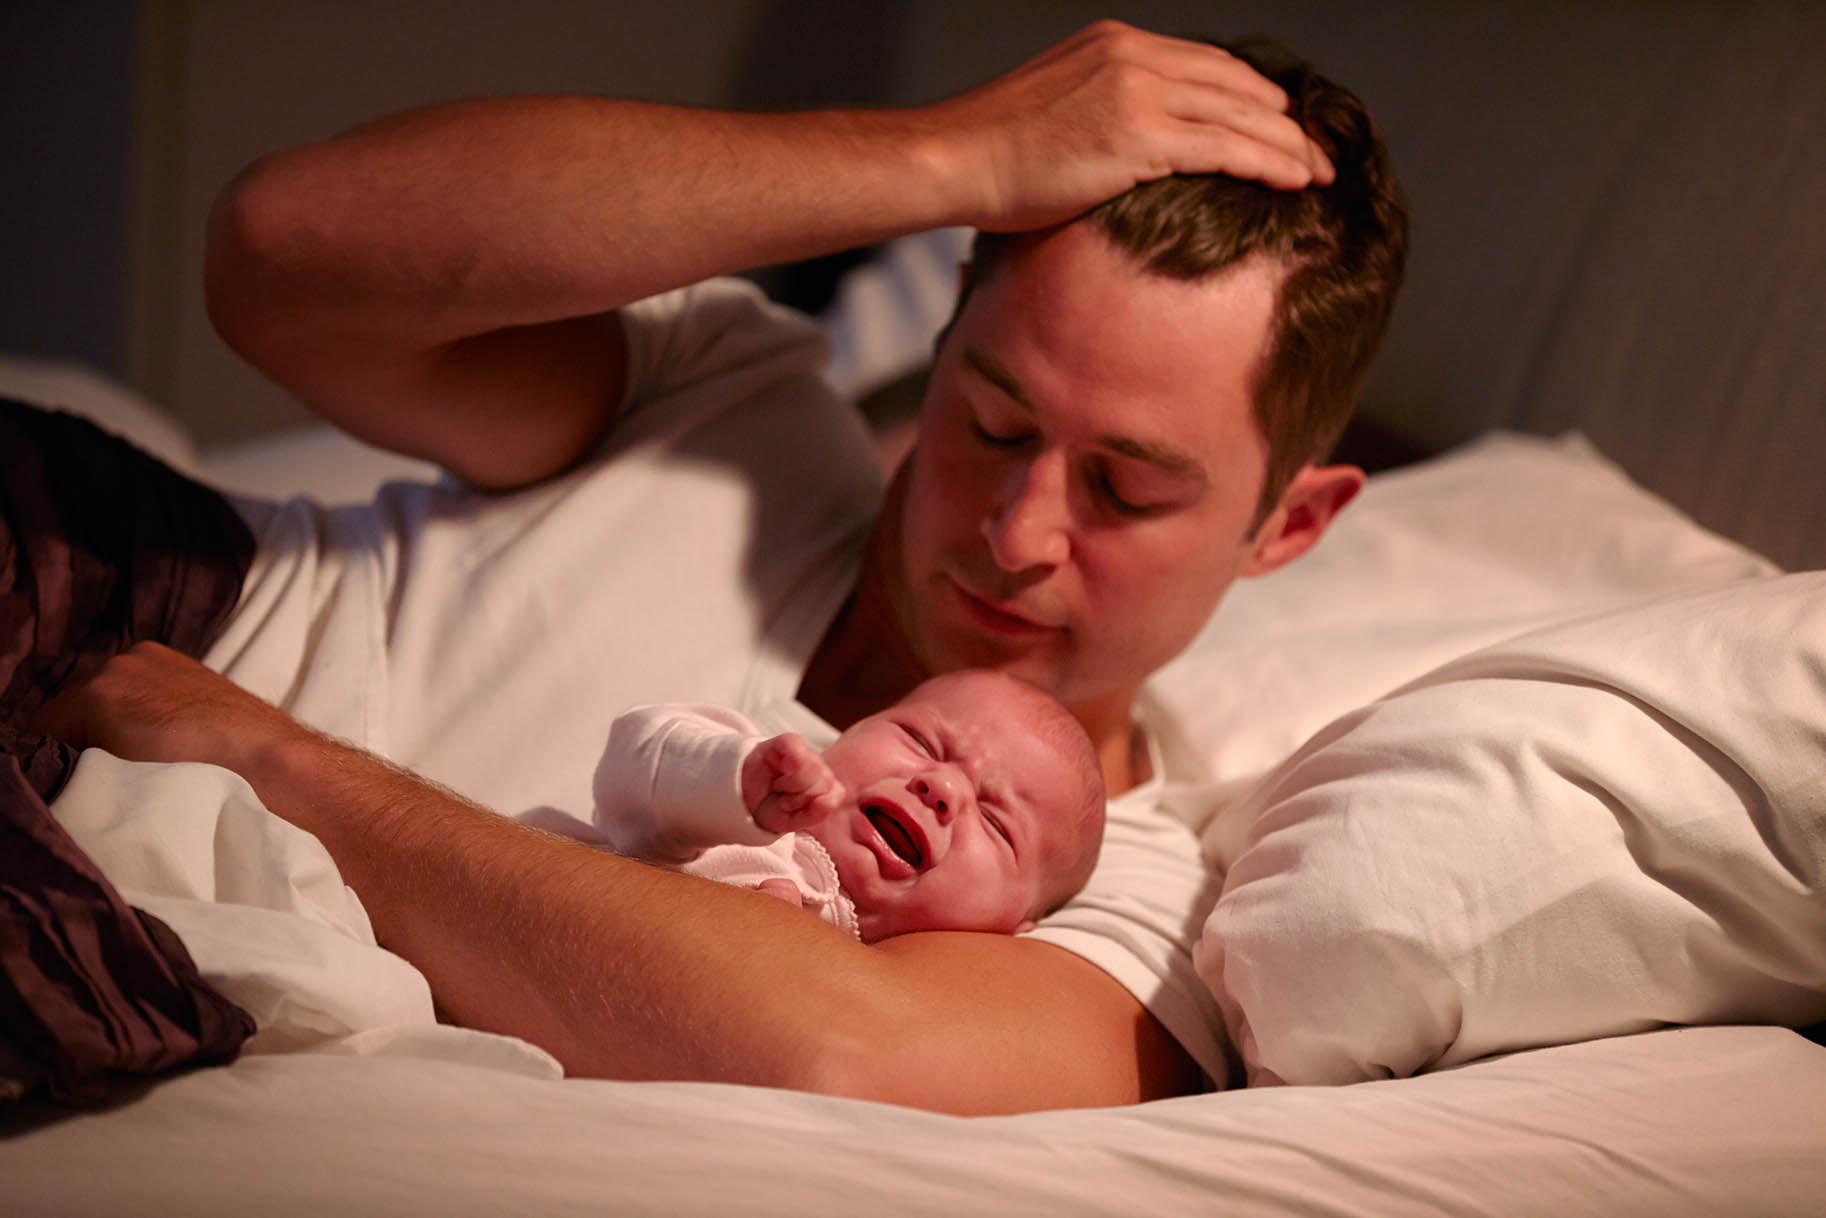 papà con mano nei capelli abbraccia nel letto il figlio che piange